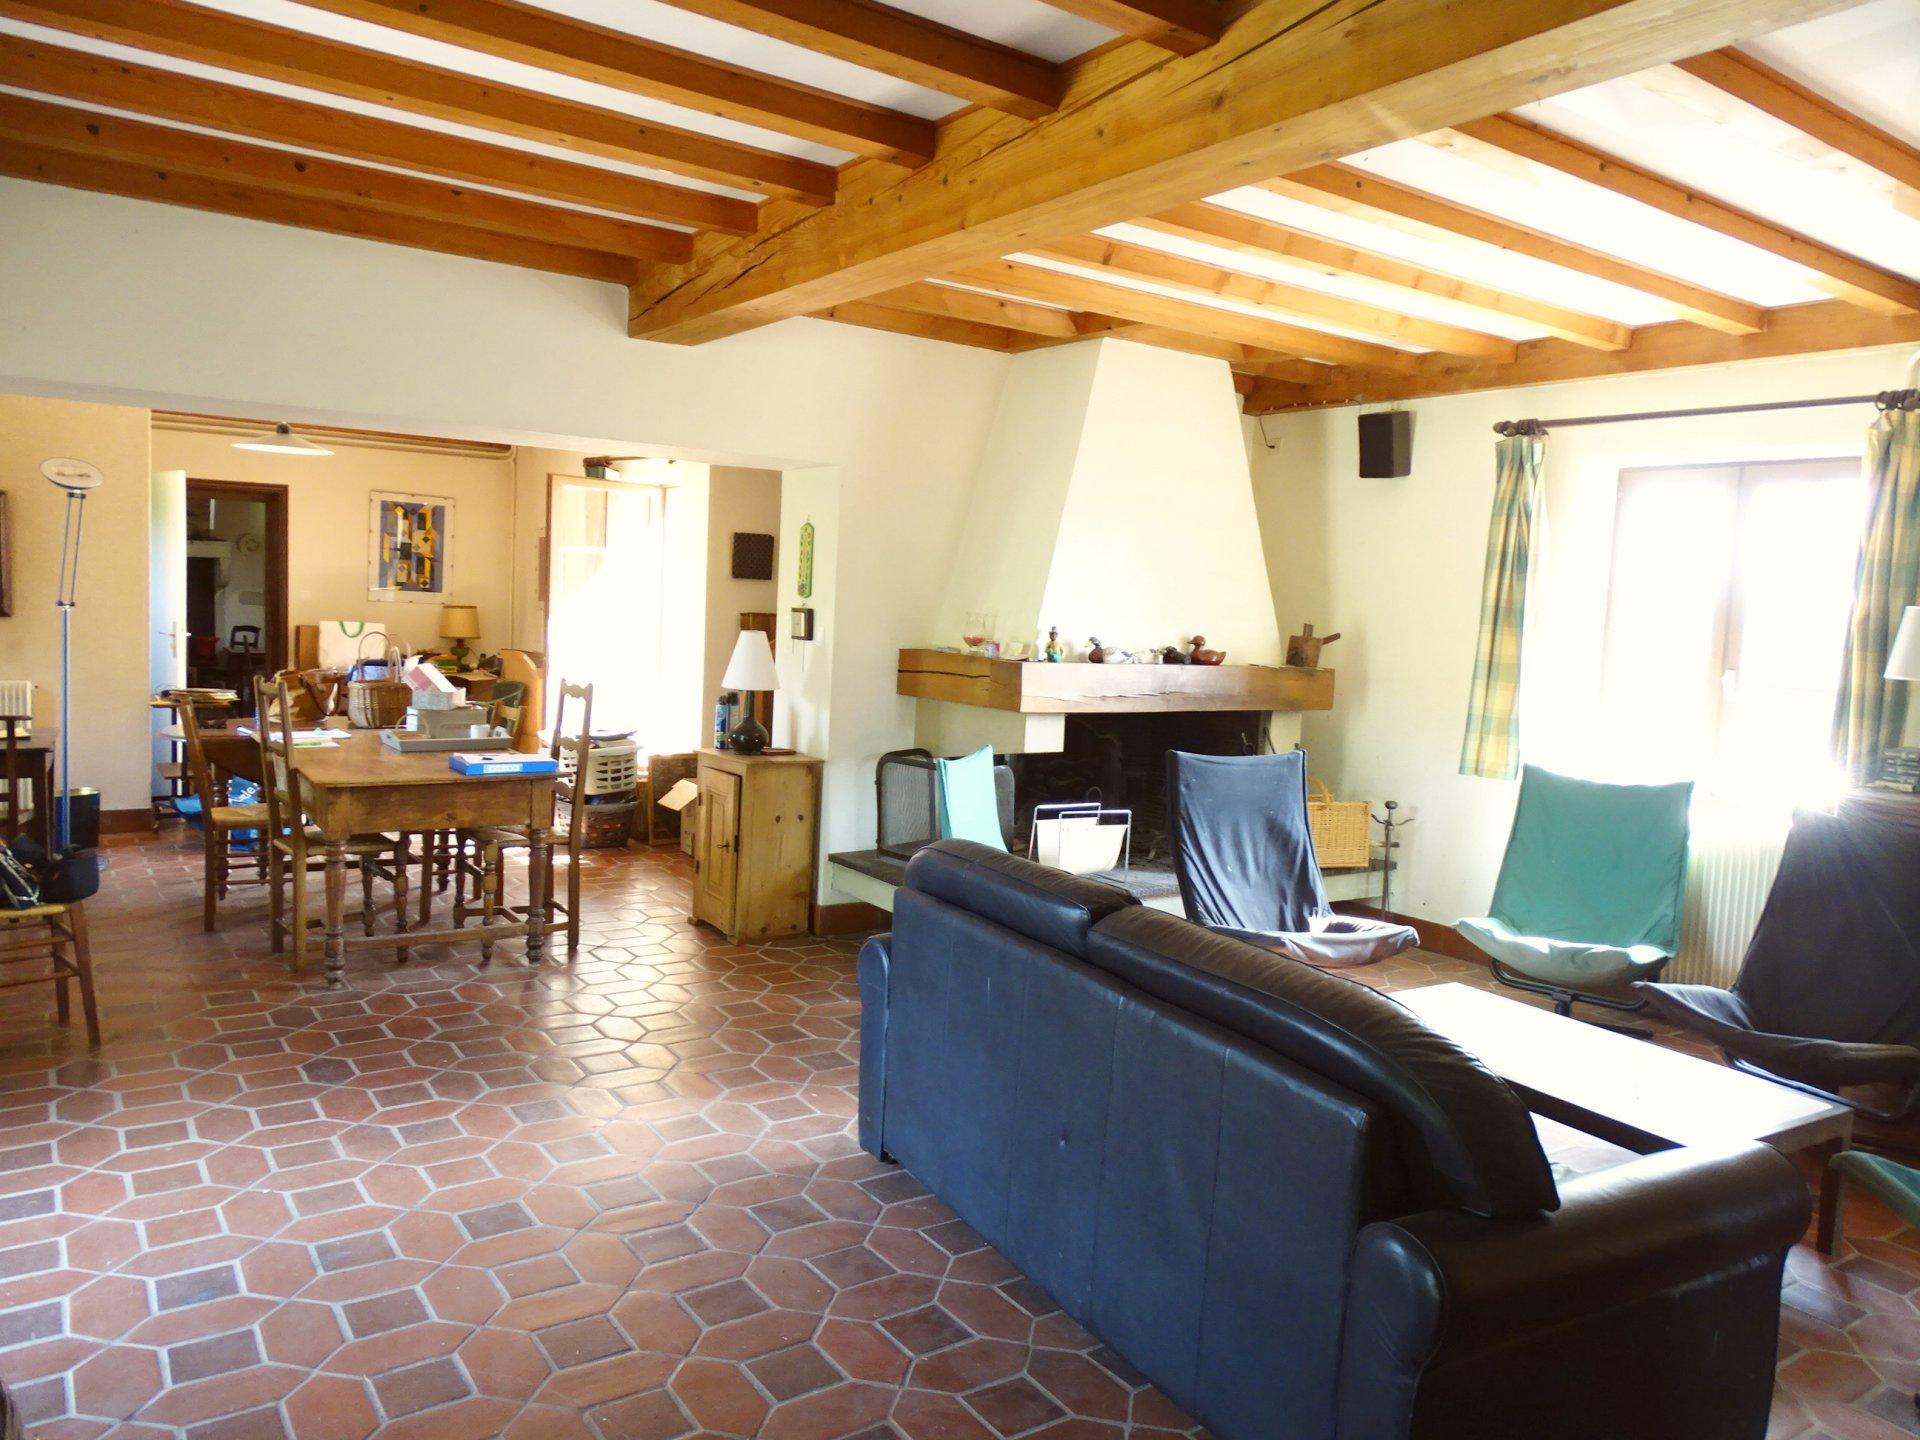 SOUS COMPROMIS DE VENTE Saint André d'huiriat, dans un cadre bucolique, venez découvrir cette ferme bressanne d'une surface de 210 m² habitable. Elle se compose au rez-de-chaussée d'une vaste pièce de vie, d'un espace salle à manger, d'une cuisine indépendante, d'une salle d'eau avec toilette. A l'étage, vous trouverez 5 chambres, un bureau ainsi qu'une salle de bains et un toilette. Bien que cette maison nécessite des travaux, un vrai potentiel s'offre à vous. Le tout est implanté sur un terrain de 7000 m² environ clos, arboré et sans vis à vis. Des dépendances complètent ce bien. Honoraire à la charge du vendeur.